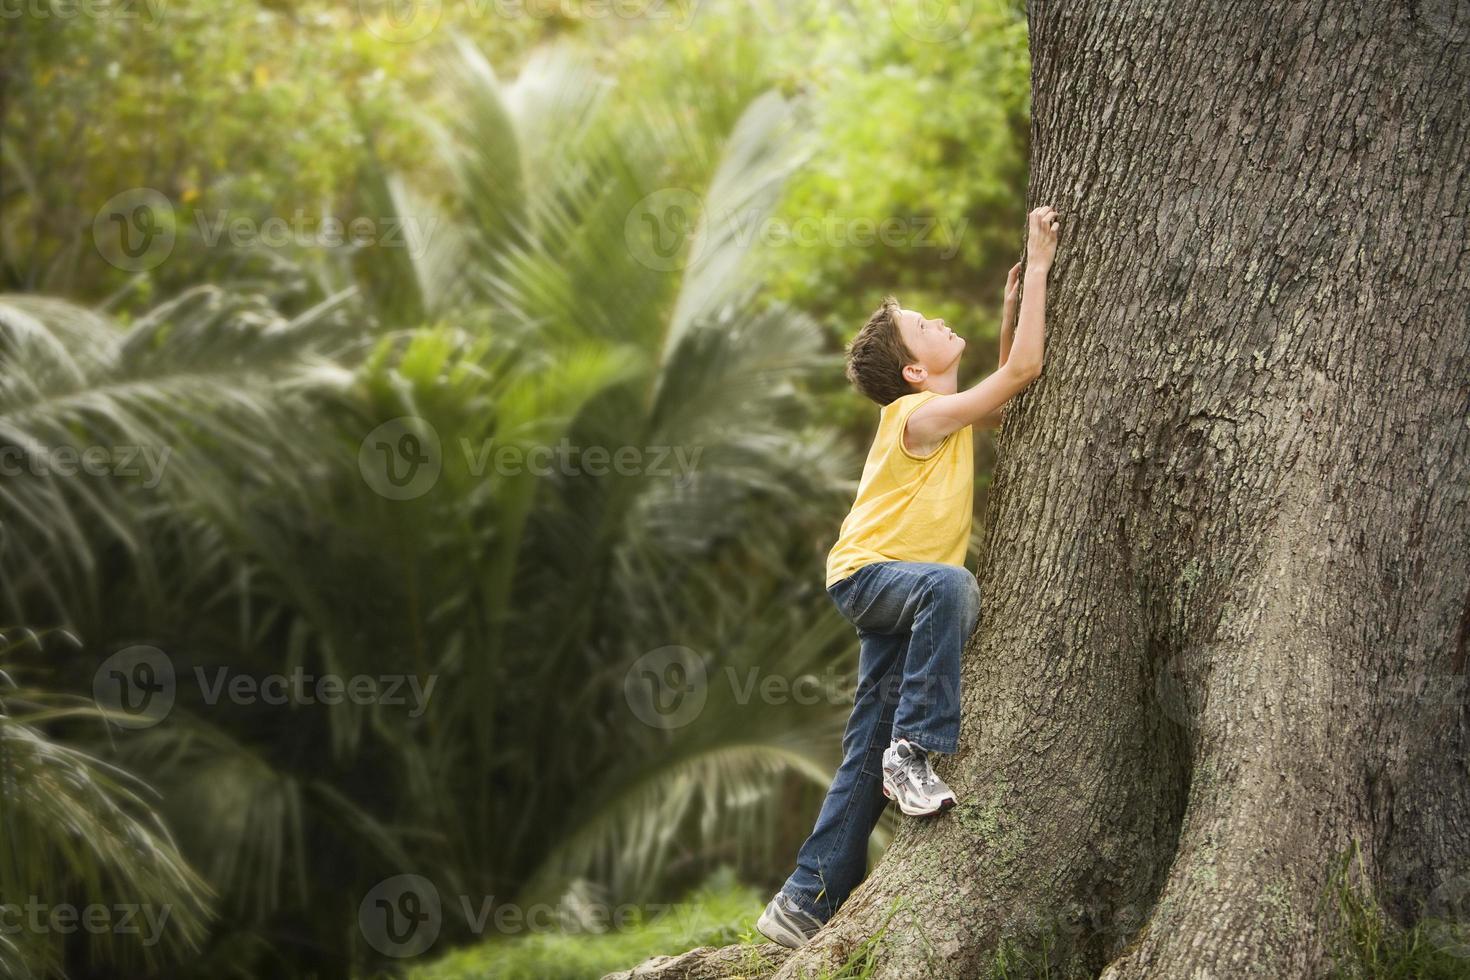 menino escalando uma árvore grande foto